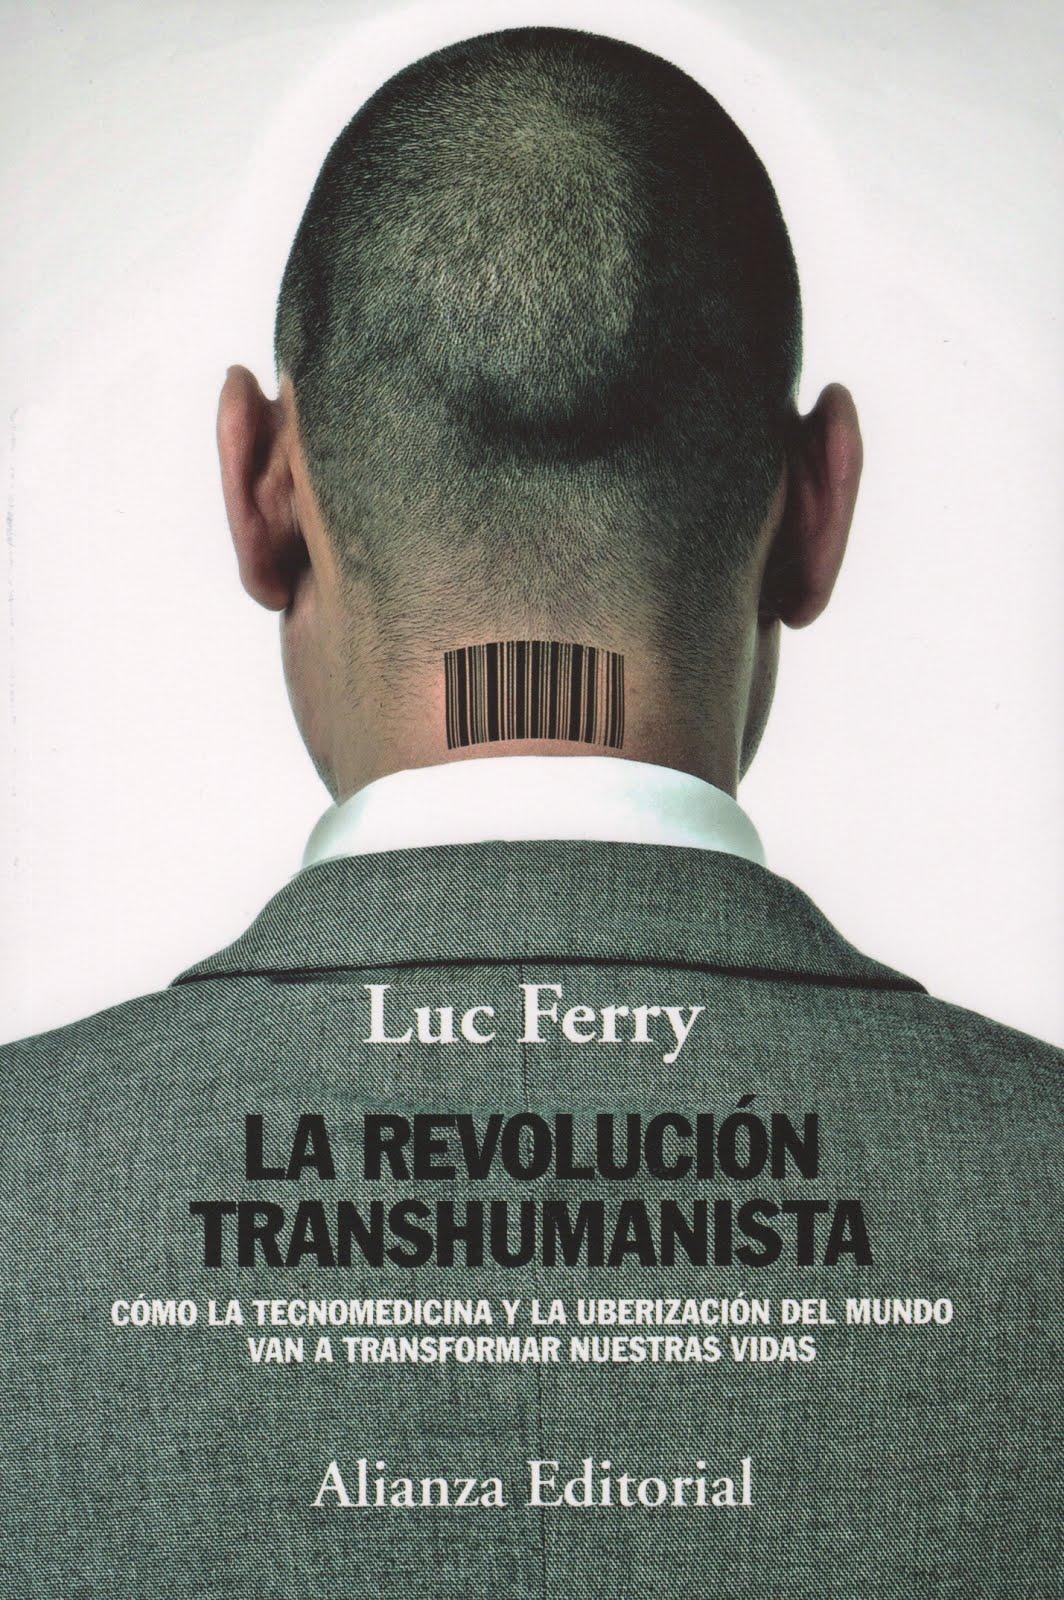 Luc Ferry (La revolución transhumanista) Cómo la tecnomedicina y la uberización del mundo van...